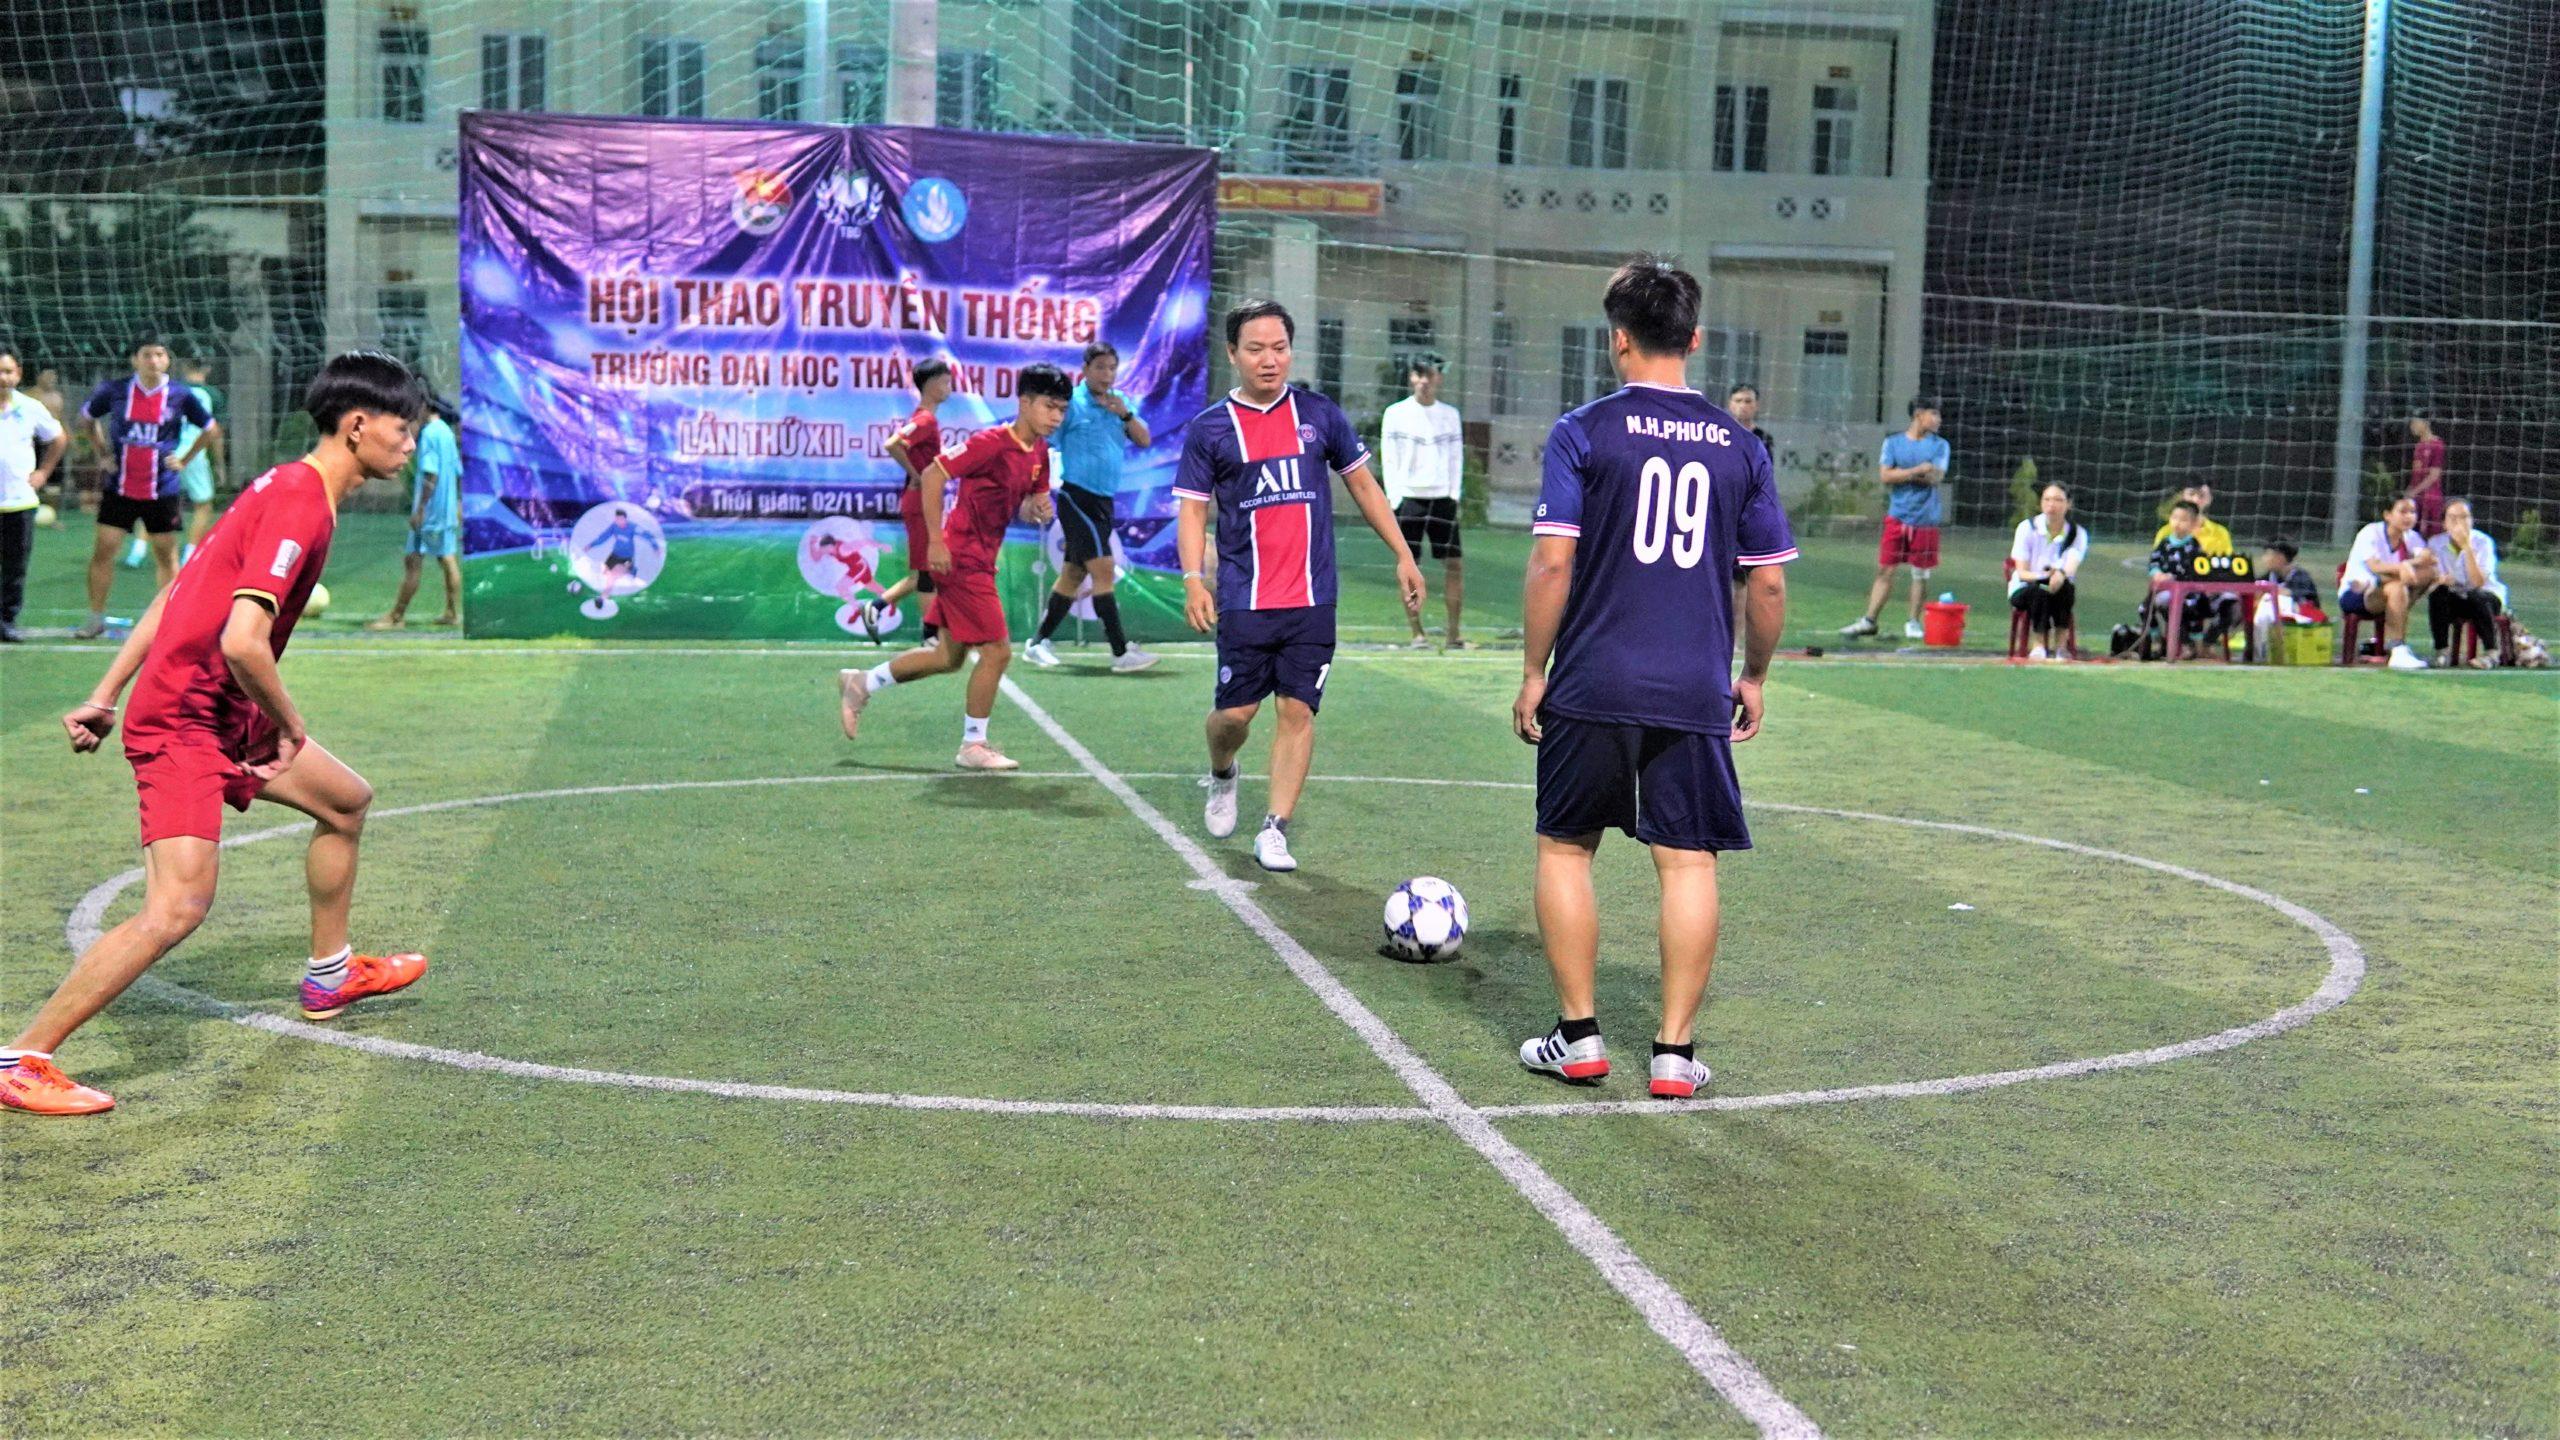 Giải bóng đá nam- Hấp dẫn ngay trận đấu mở màn